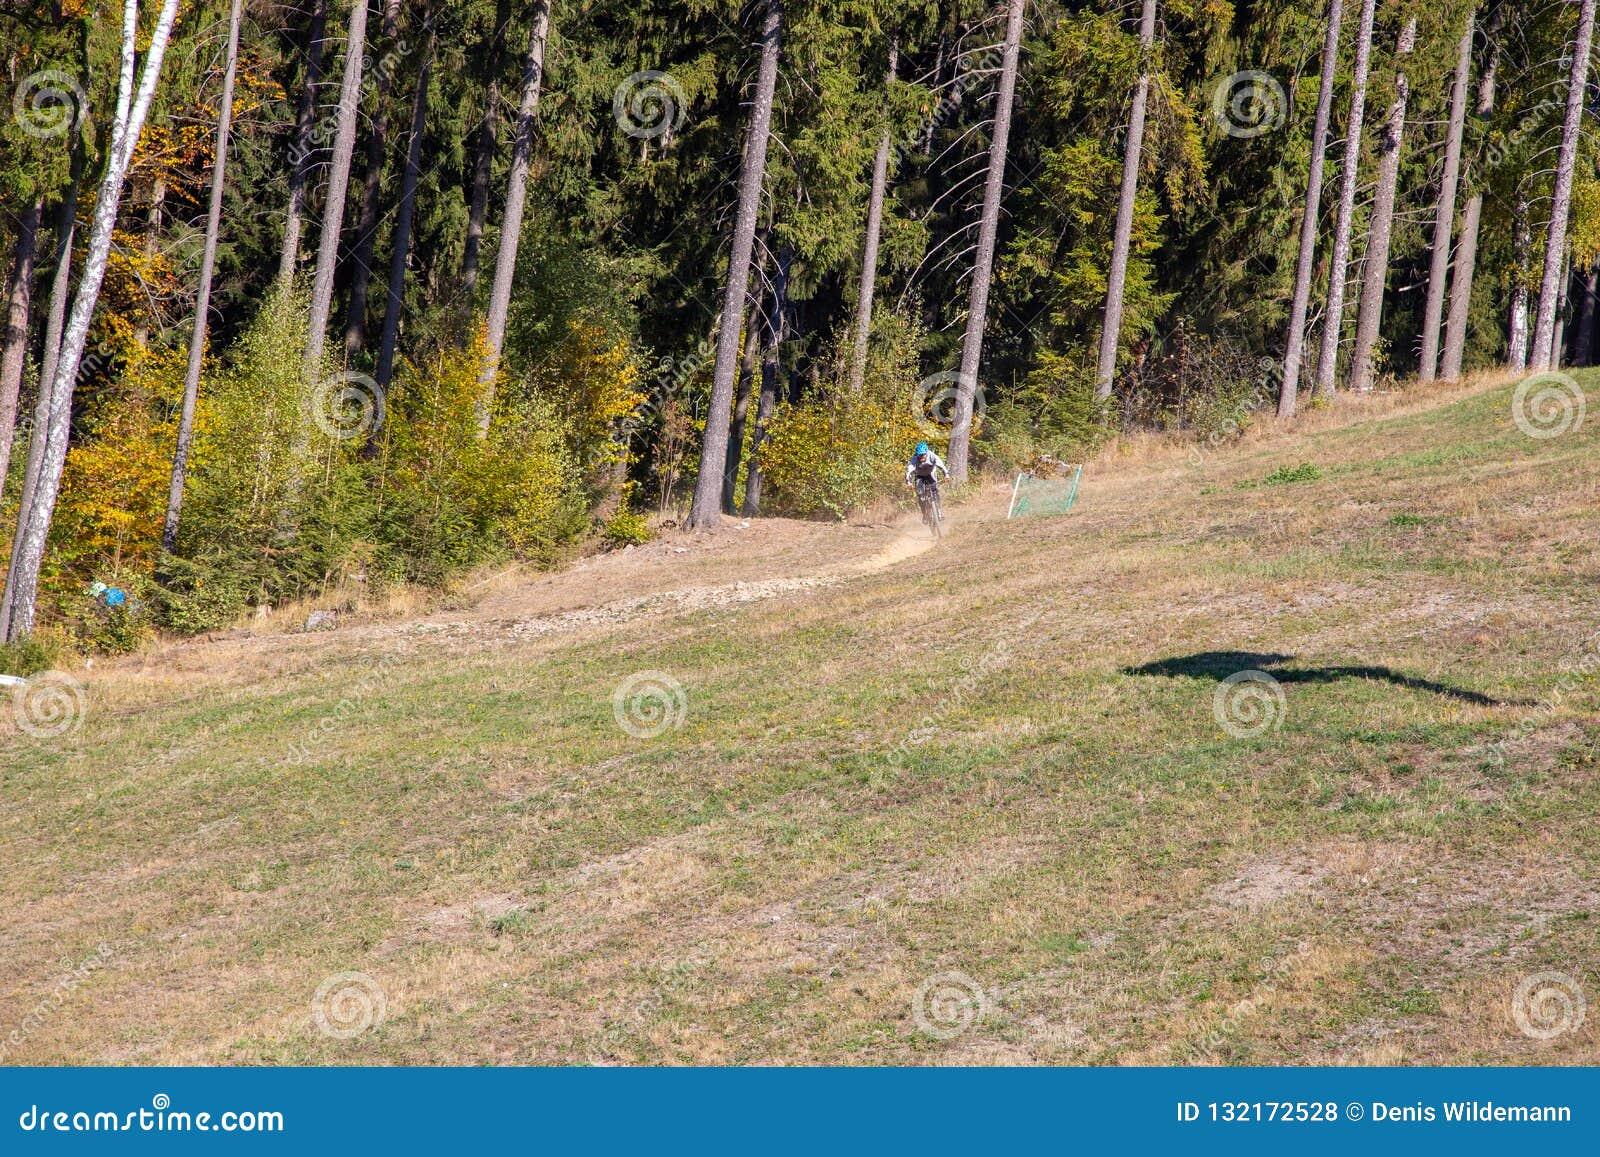 Mountainbiker en una pendiente a través del bosque